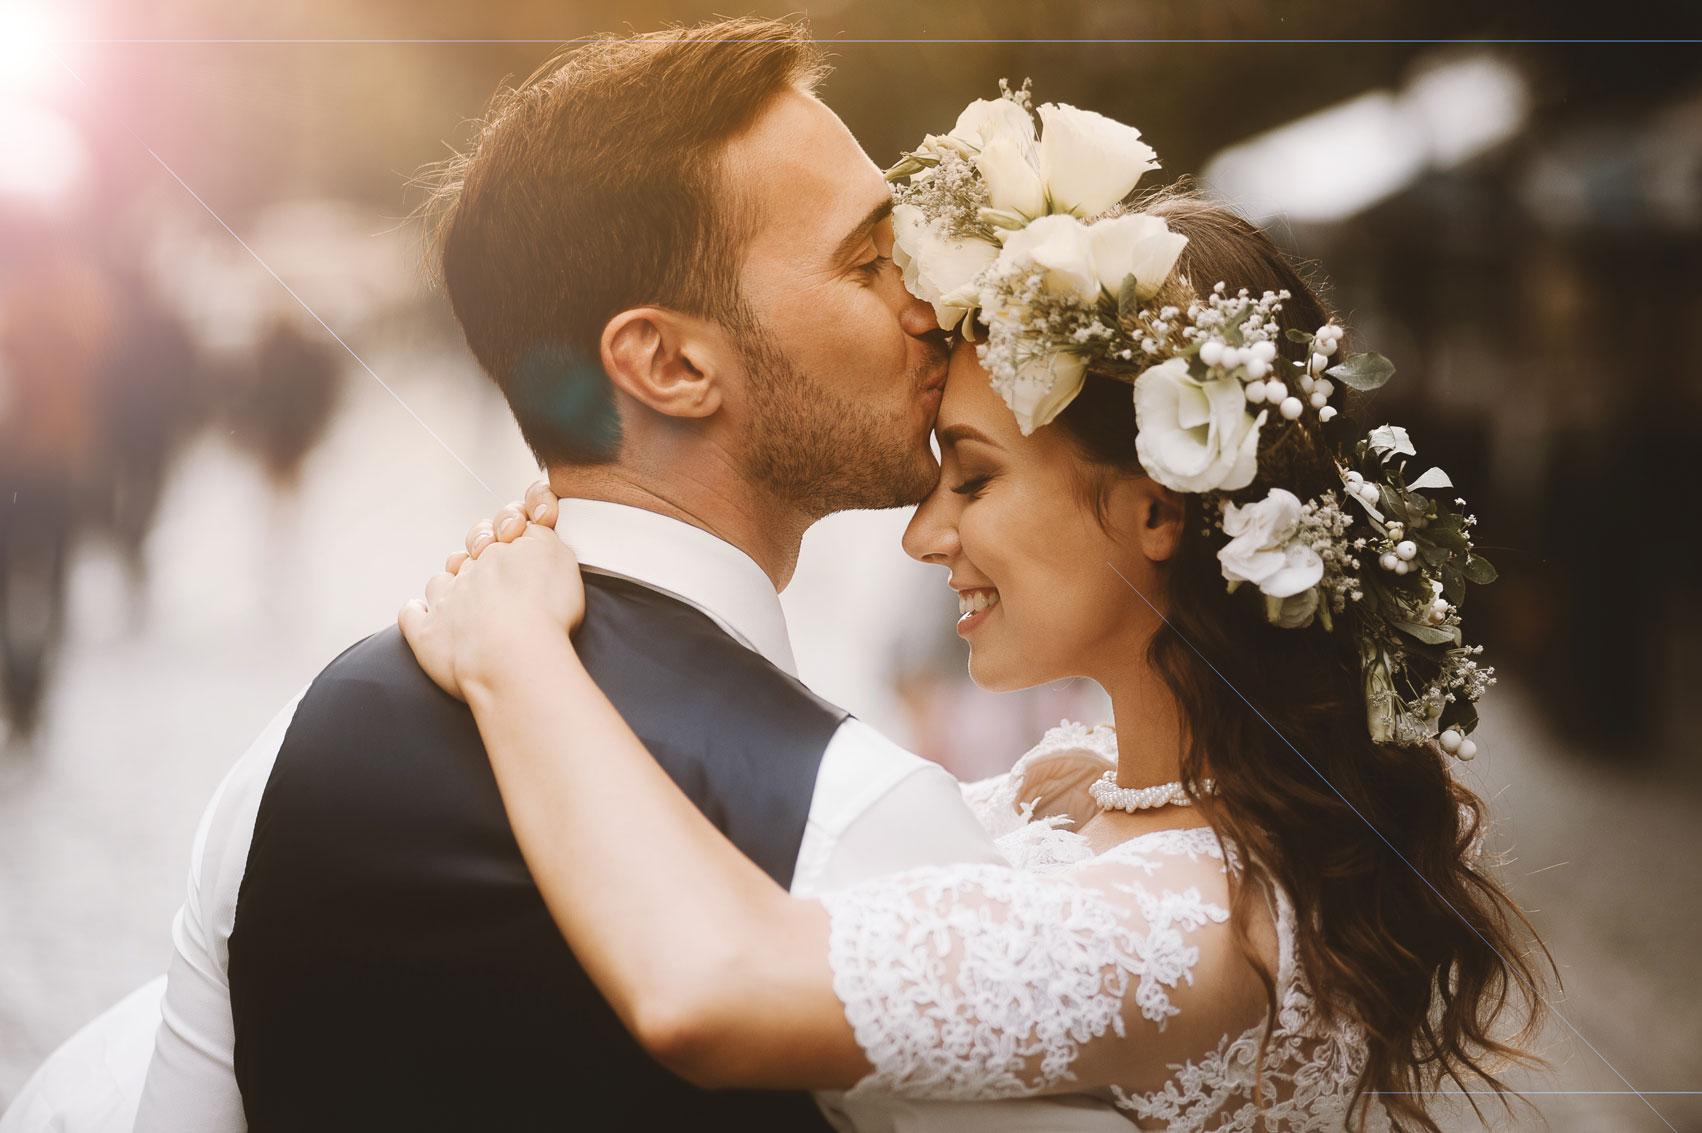 Warum heiraten? Bloß nicht aus diesen 41 Gründen